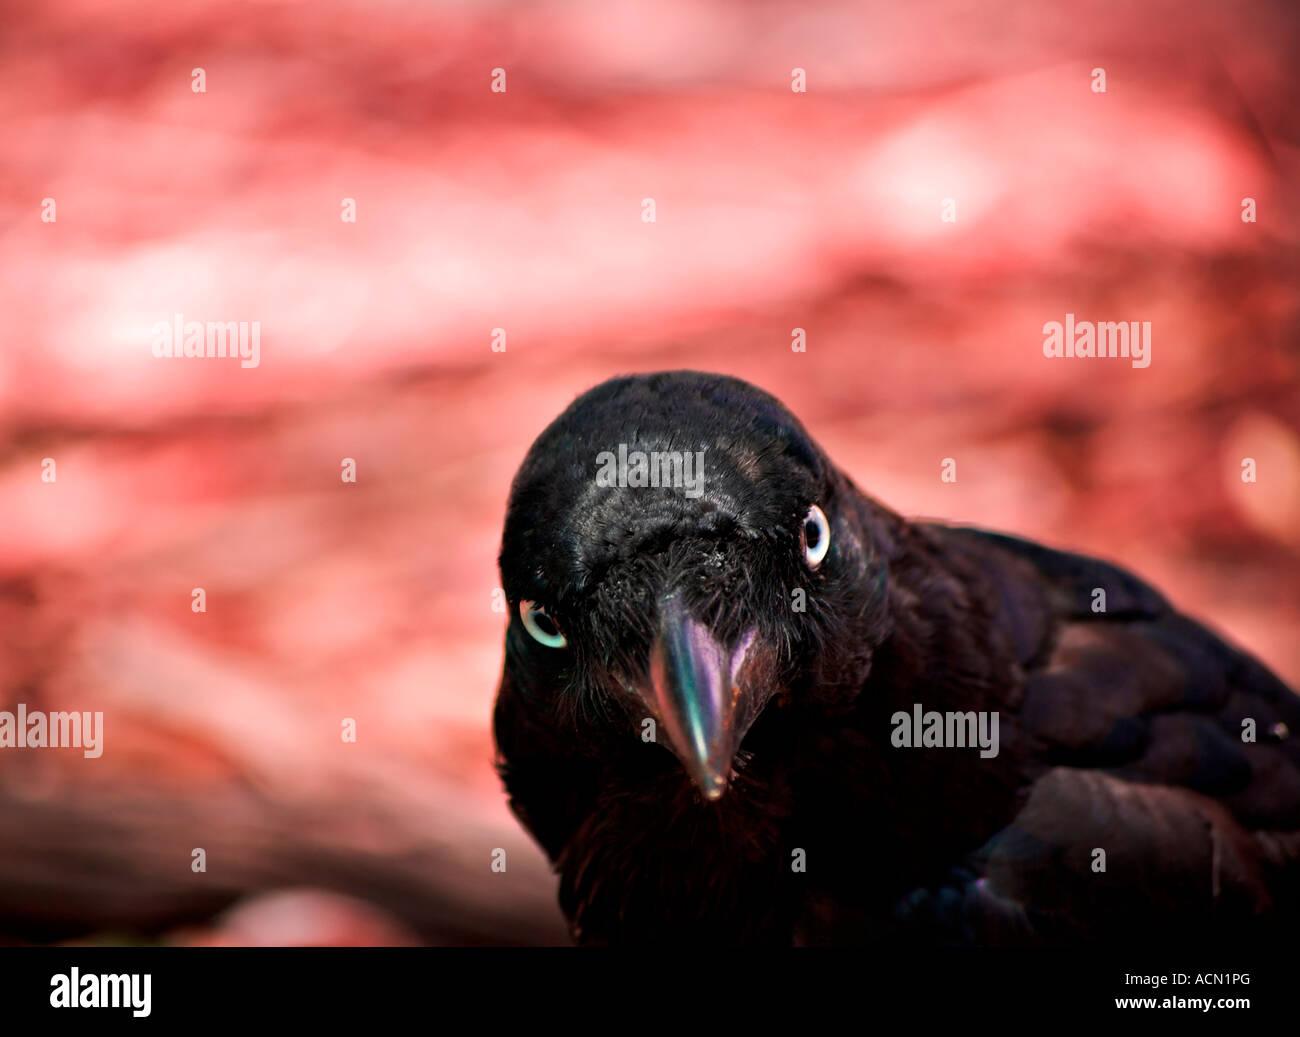 ein böse aussehende australische Rabe Krähe schaut fragend in die Kamera mit einem höllischen Hintergrund in rot Stockfoto